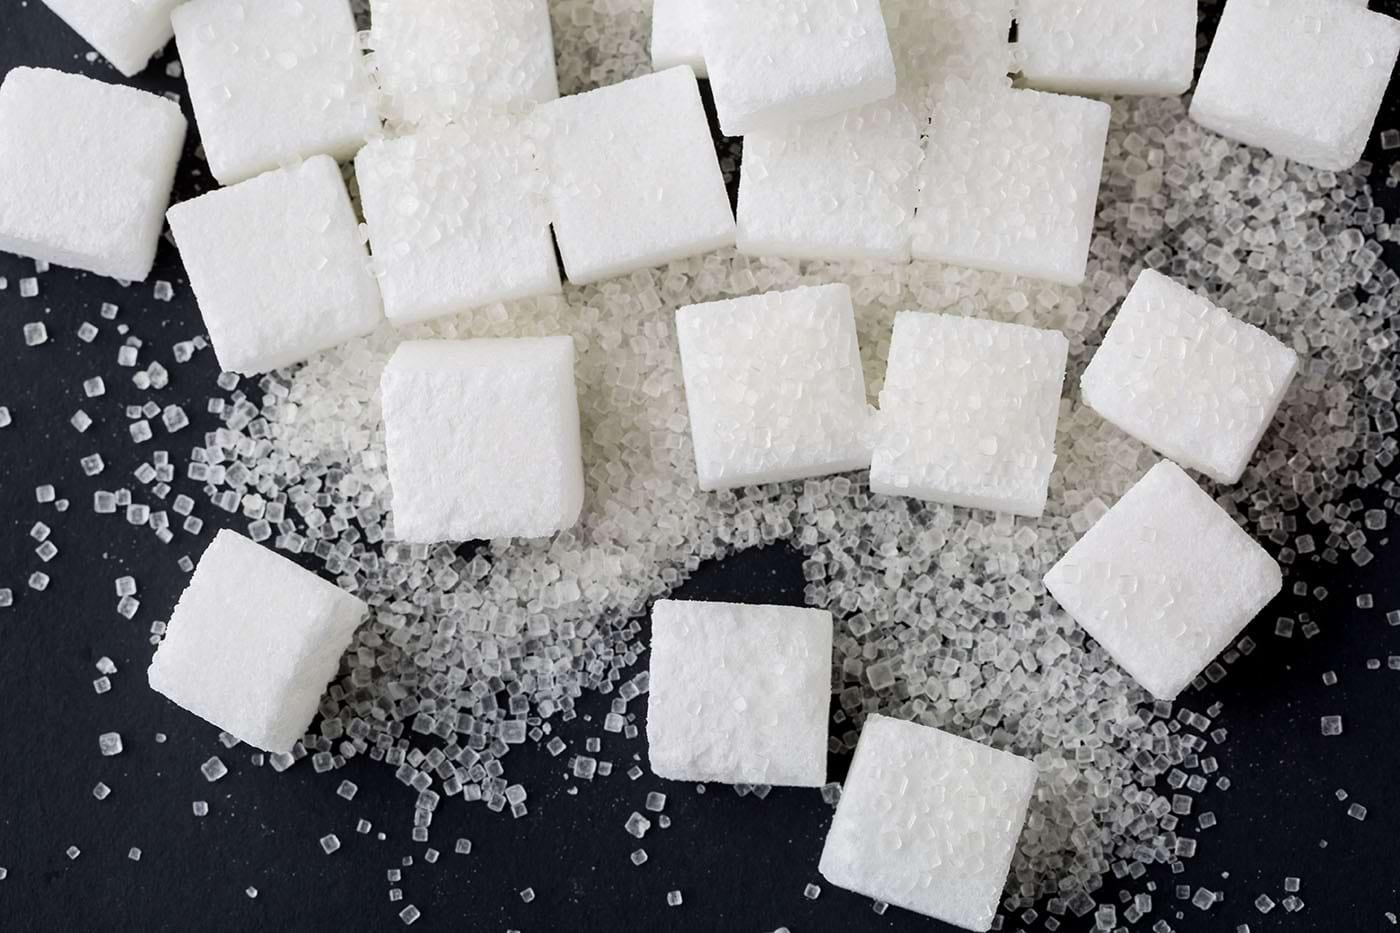 Zahărul poate modifica chimia creierului în 12 zile [studiu]